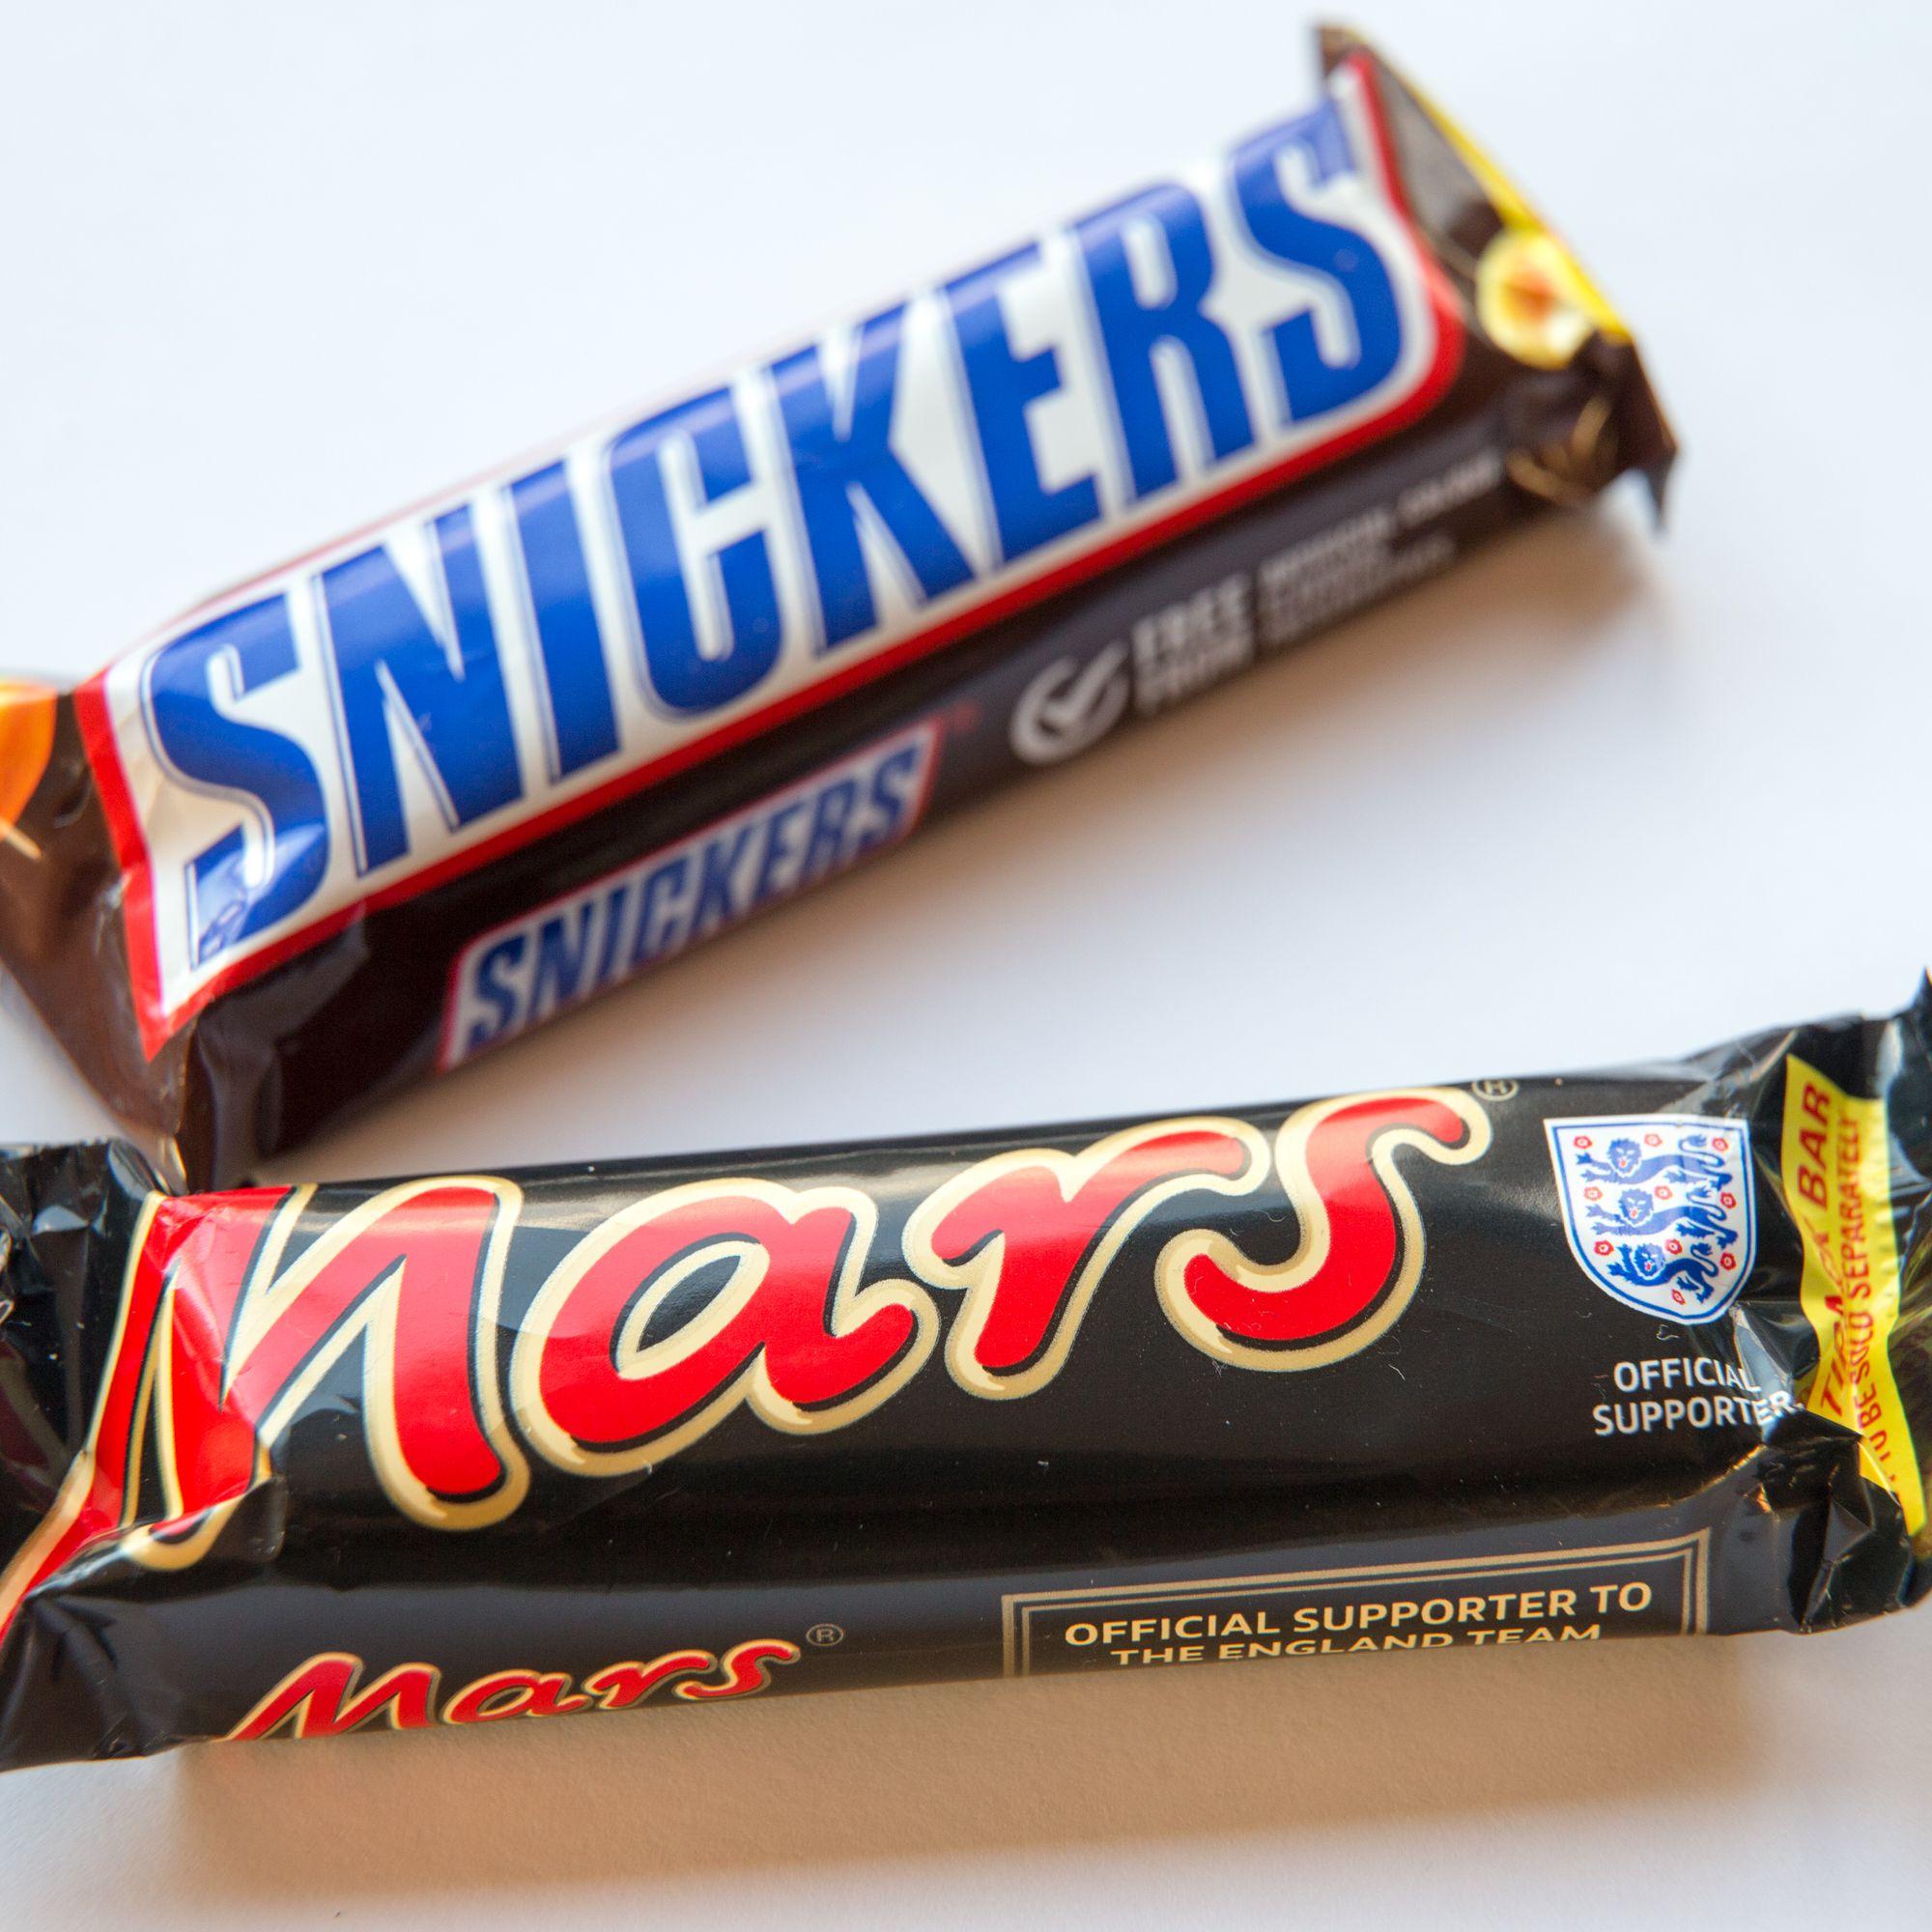 Uk Vs Us Chocolate Bars